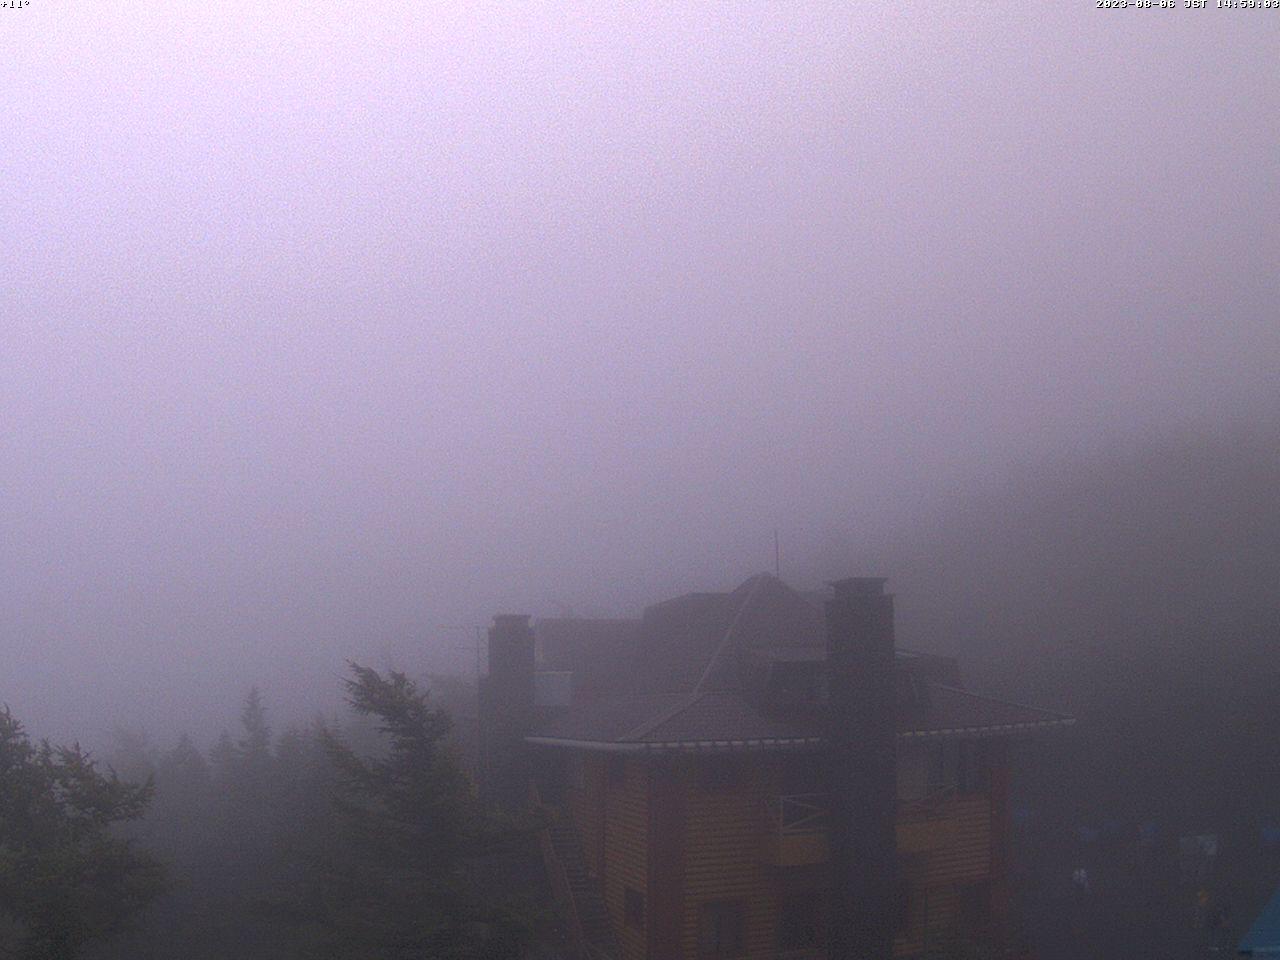 富士山ライブカメラ(富士市茶畑望遠カメラ)